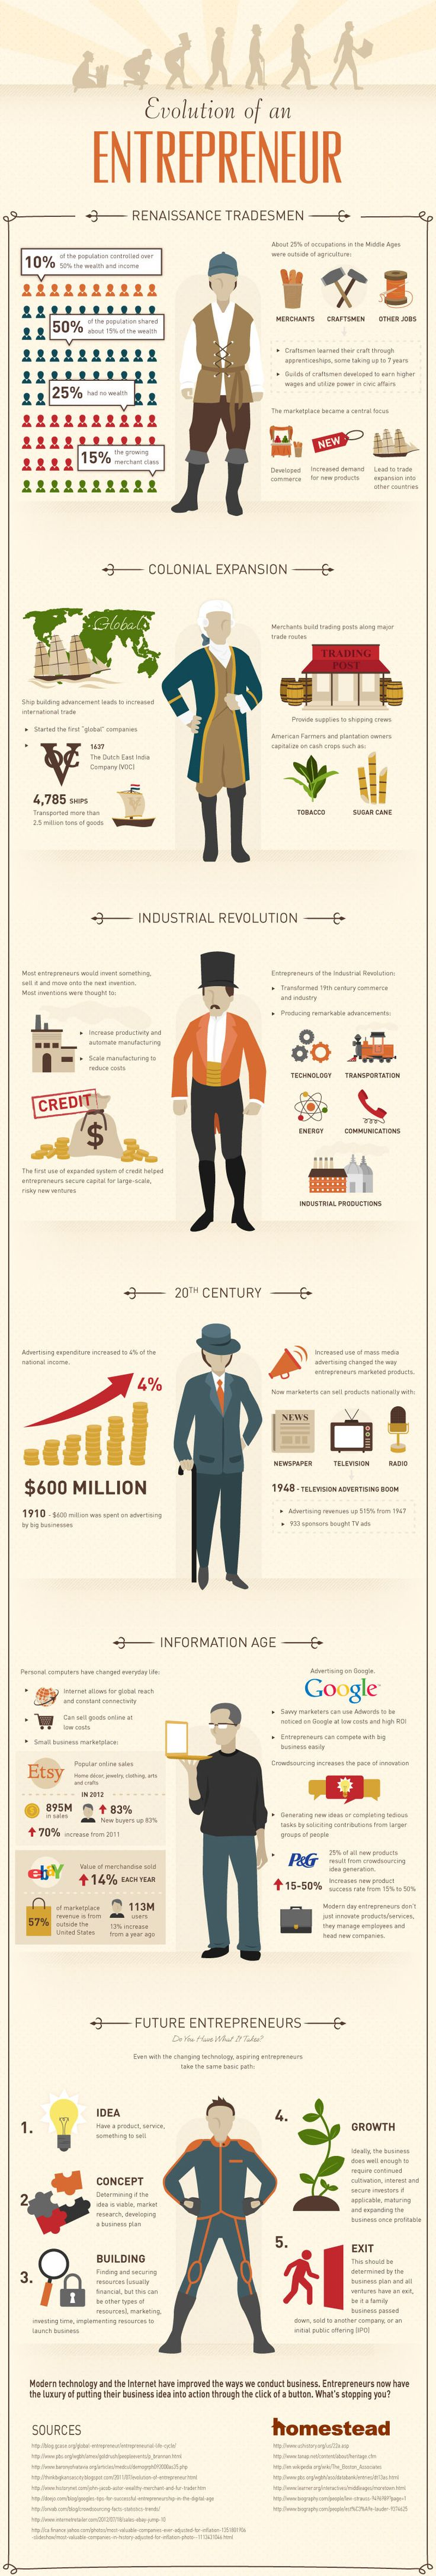 The Evolution of an Entreprene